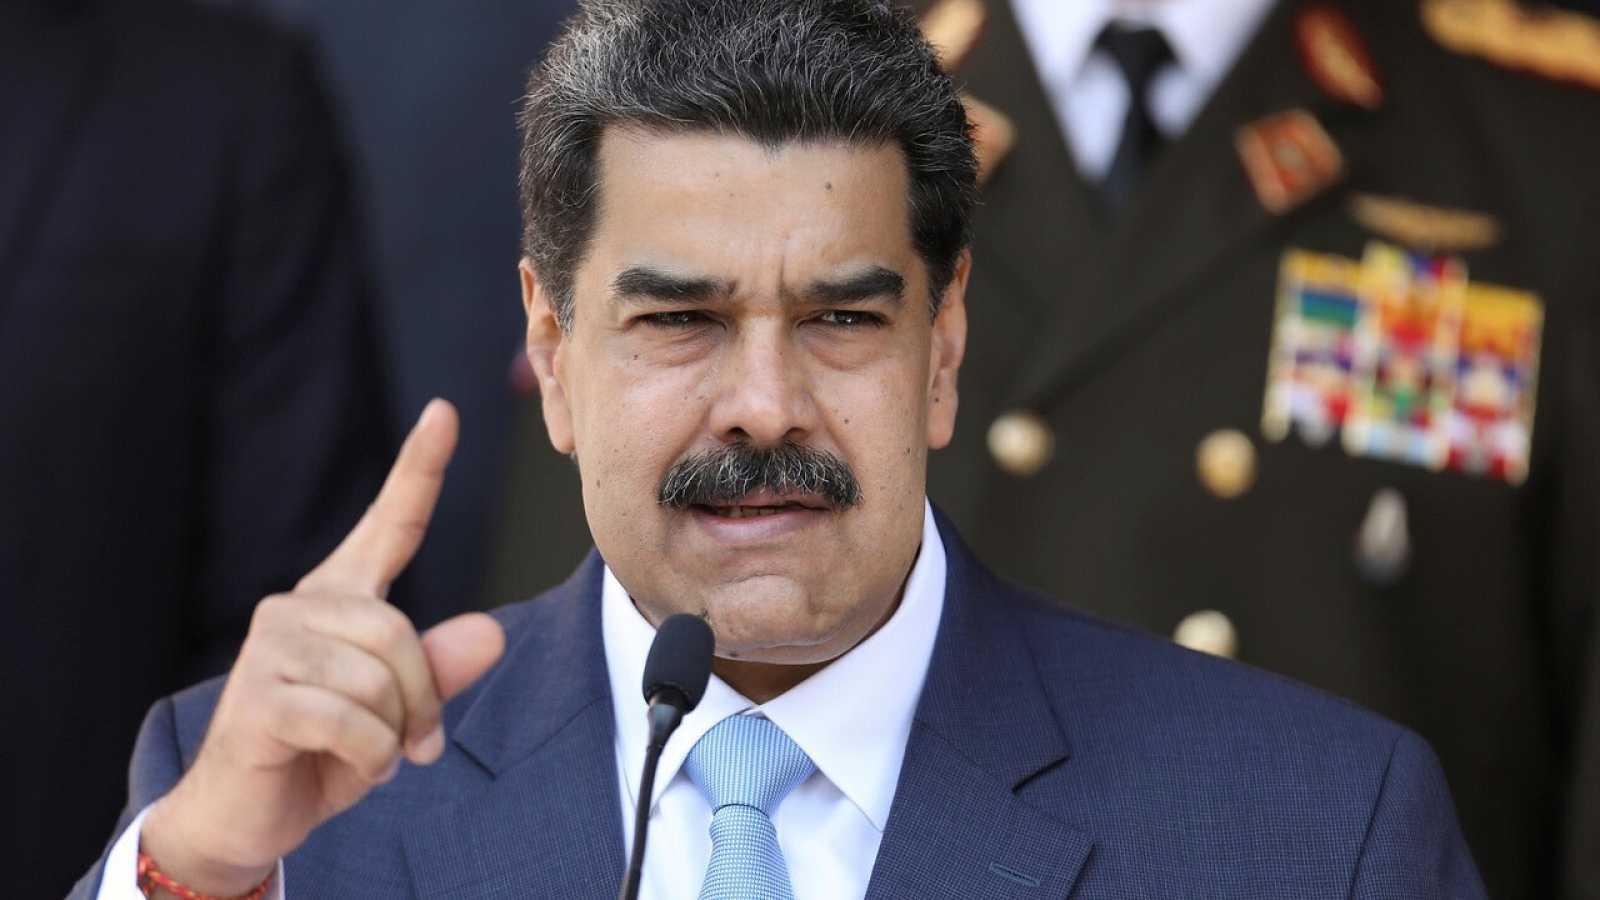 Nicolás Maduro durante una rueda de prensa en el Palacio de Miraflores